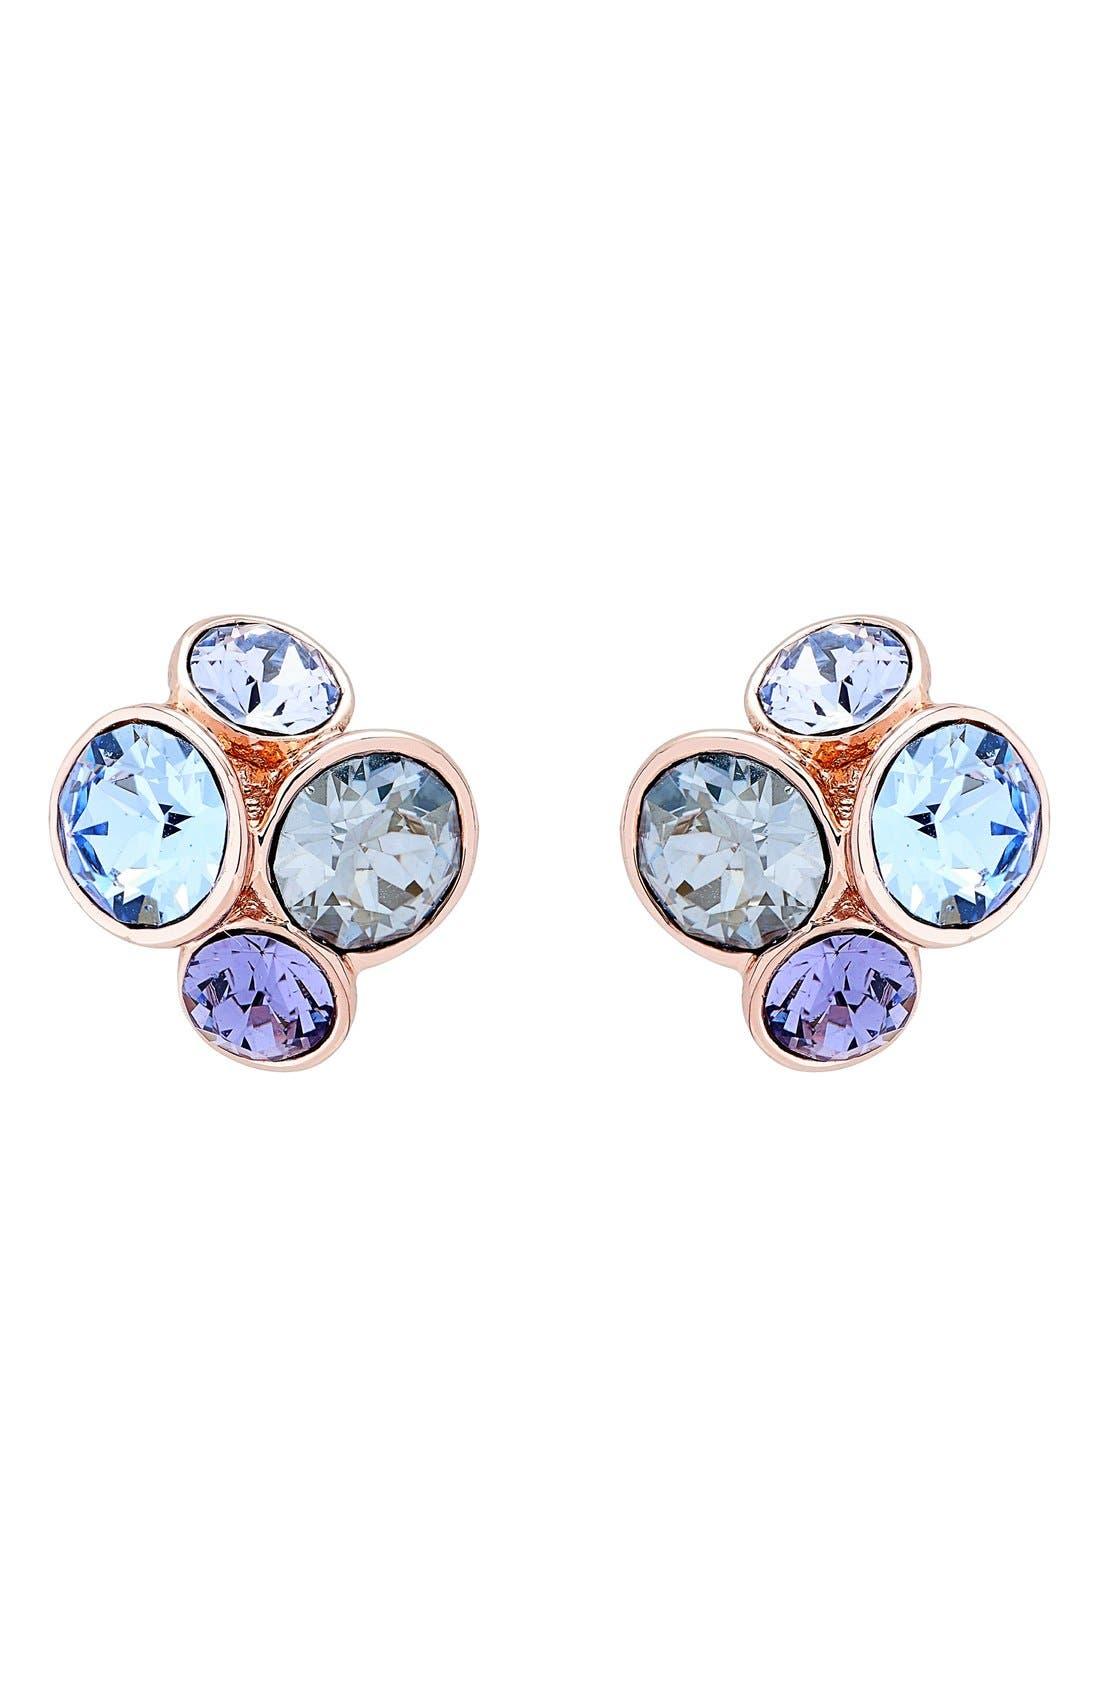 Ted Baker London Lynda Jewel Cluster Stud Earrings